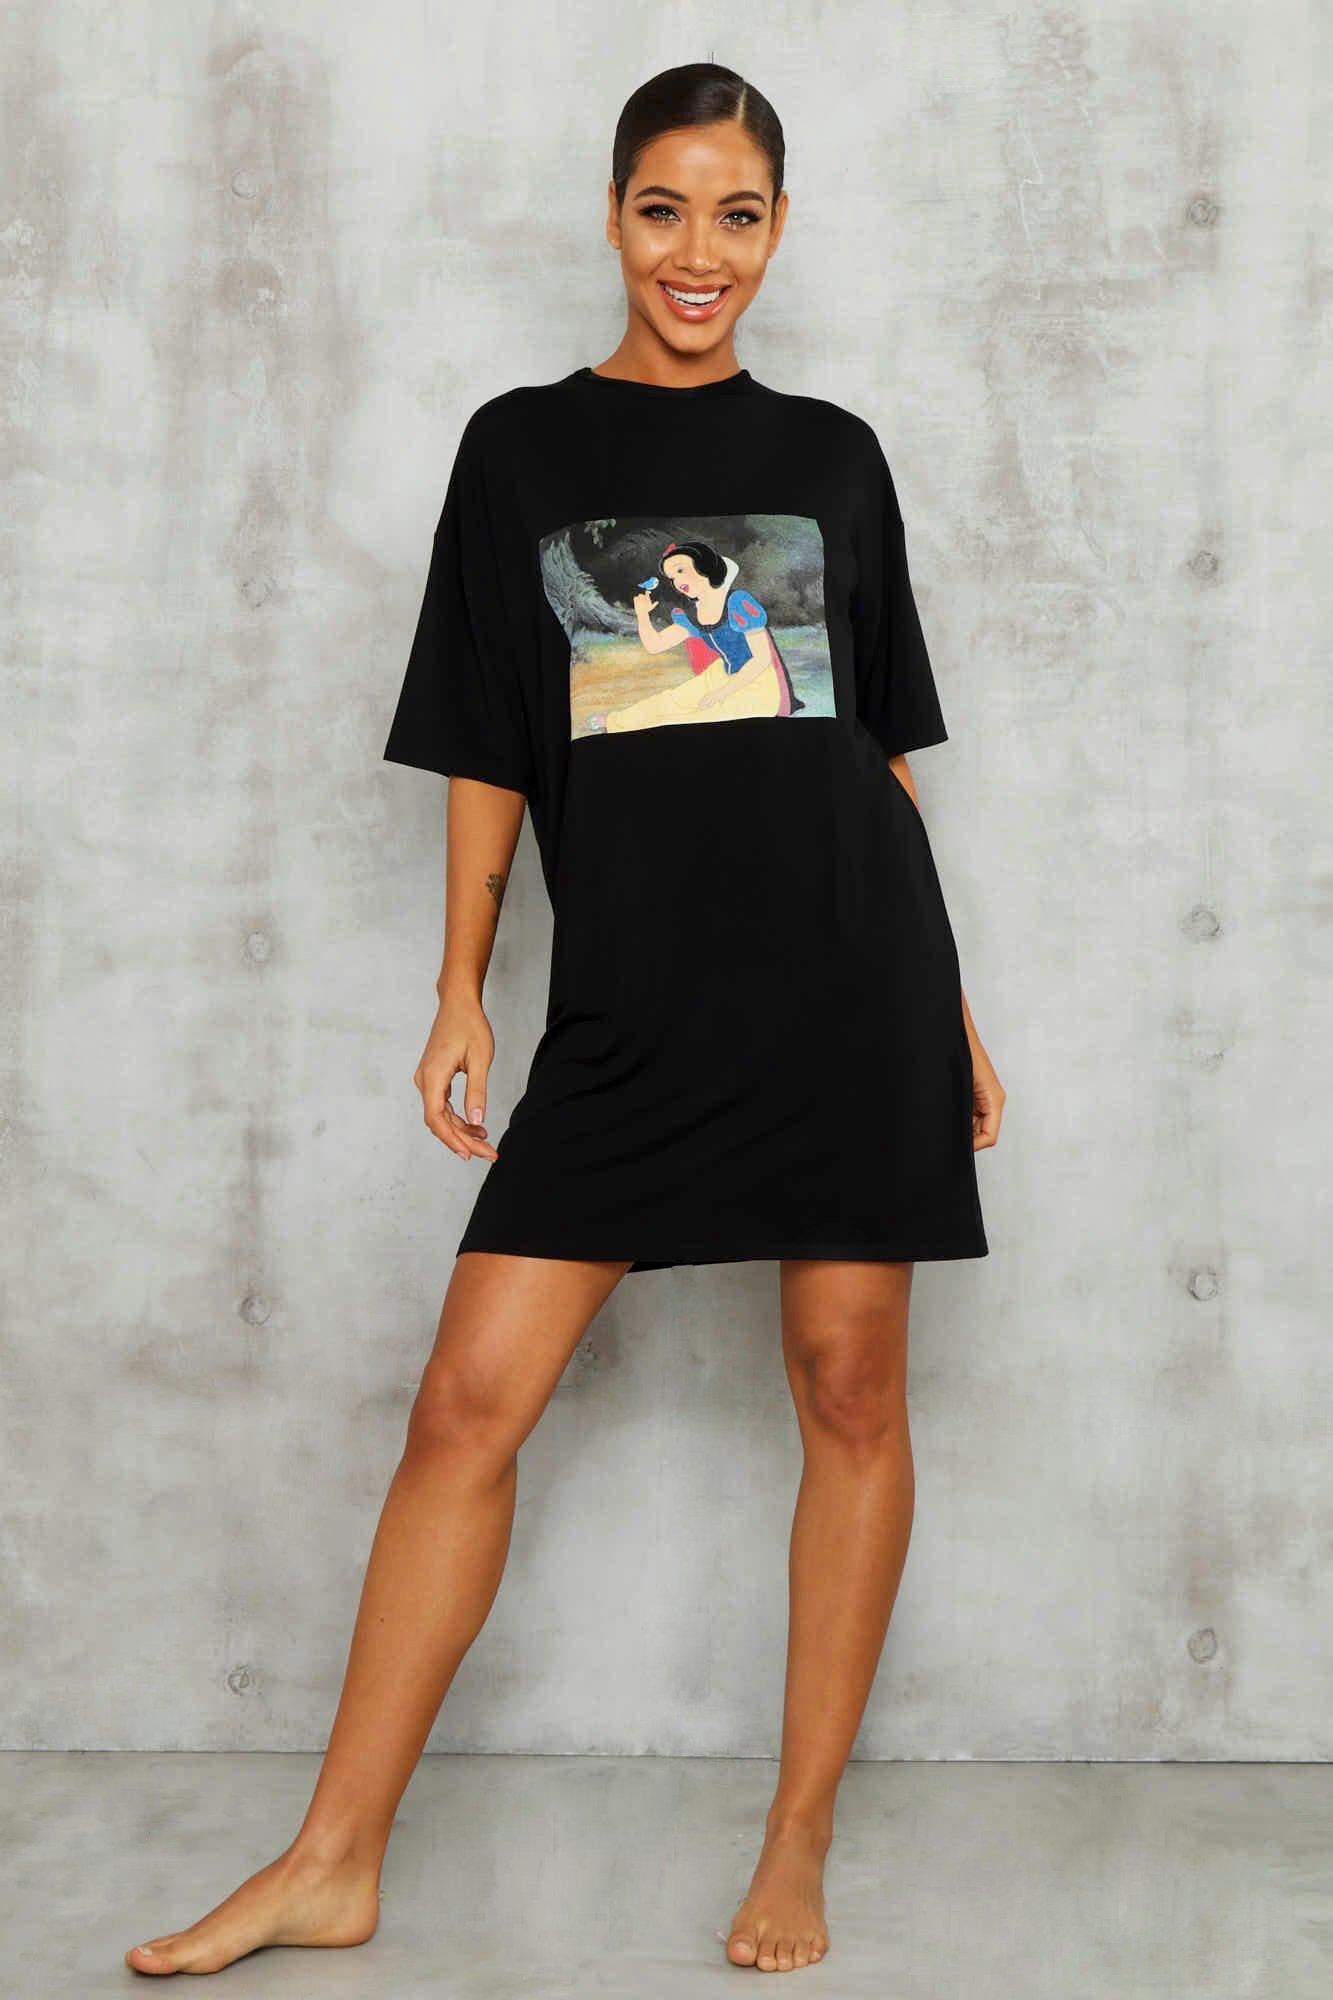 Купить со скидкой Лицензирированная пижамная футболка Disney с Белоснежкой